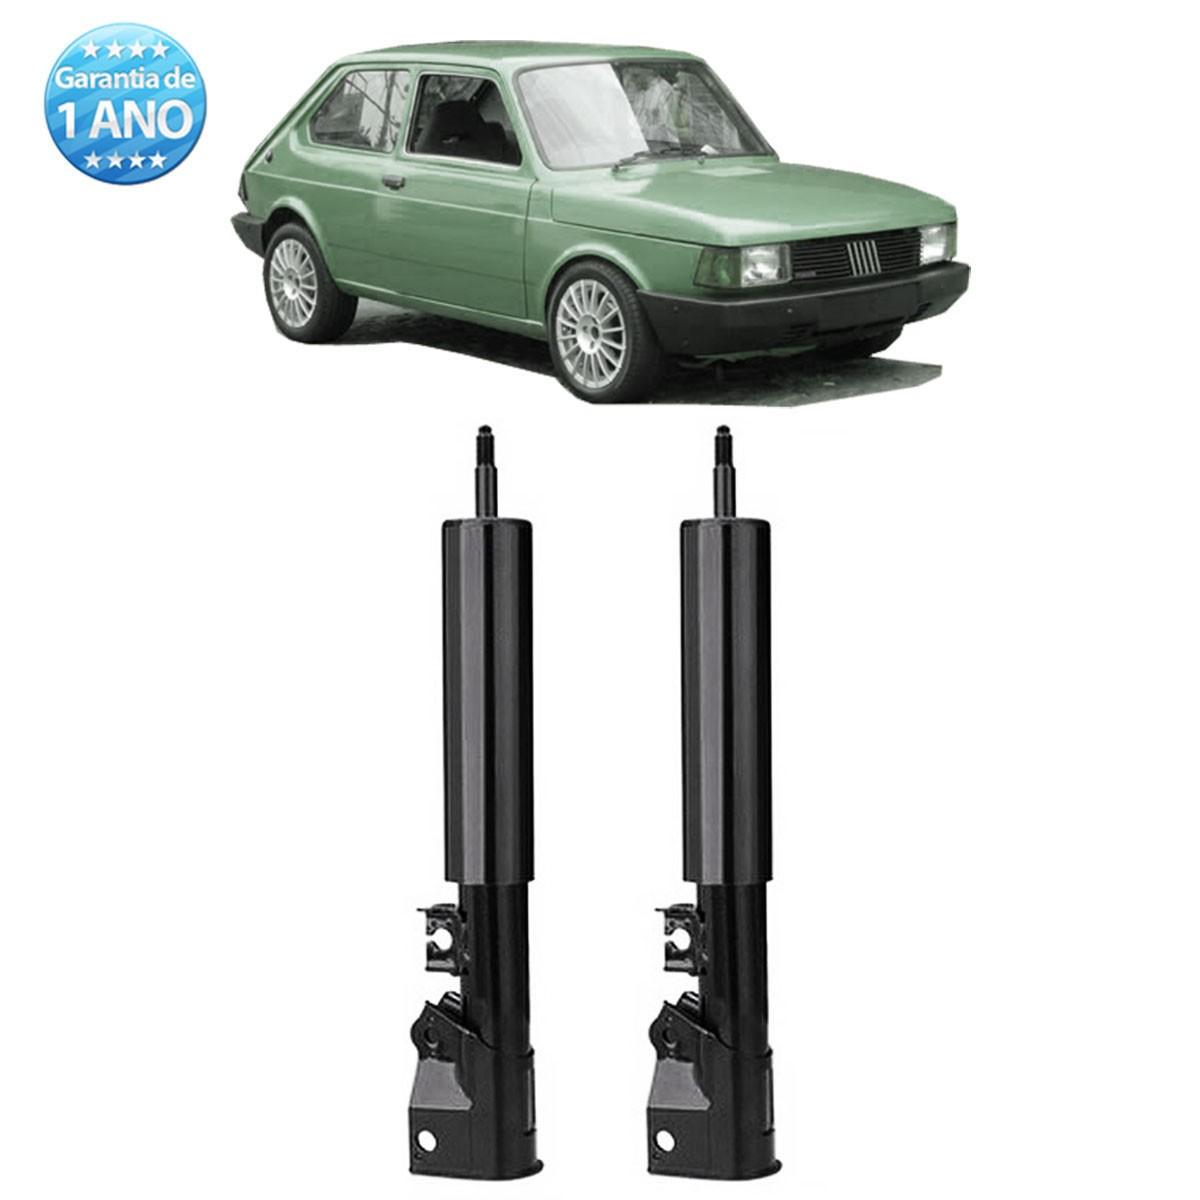 Par de Amortecedores Traseiro Remanufaturados Fiat 147 Oggi Spazio Panorama 1976 Até 1986